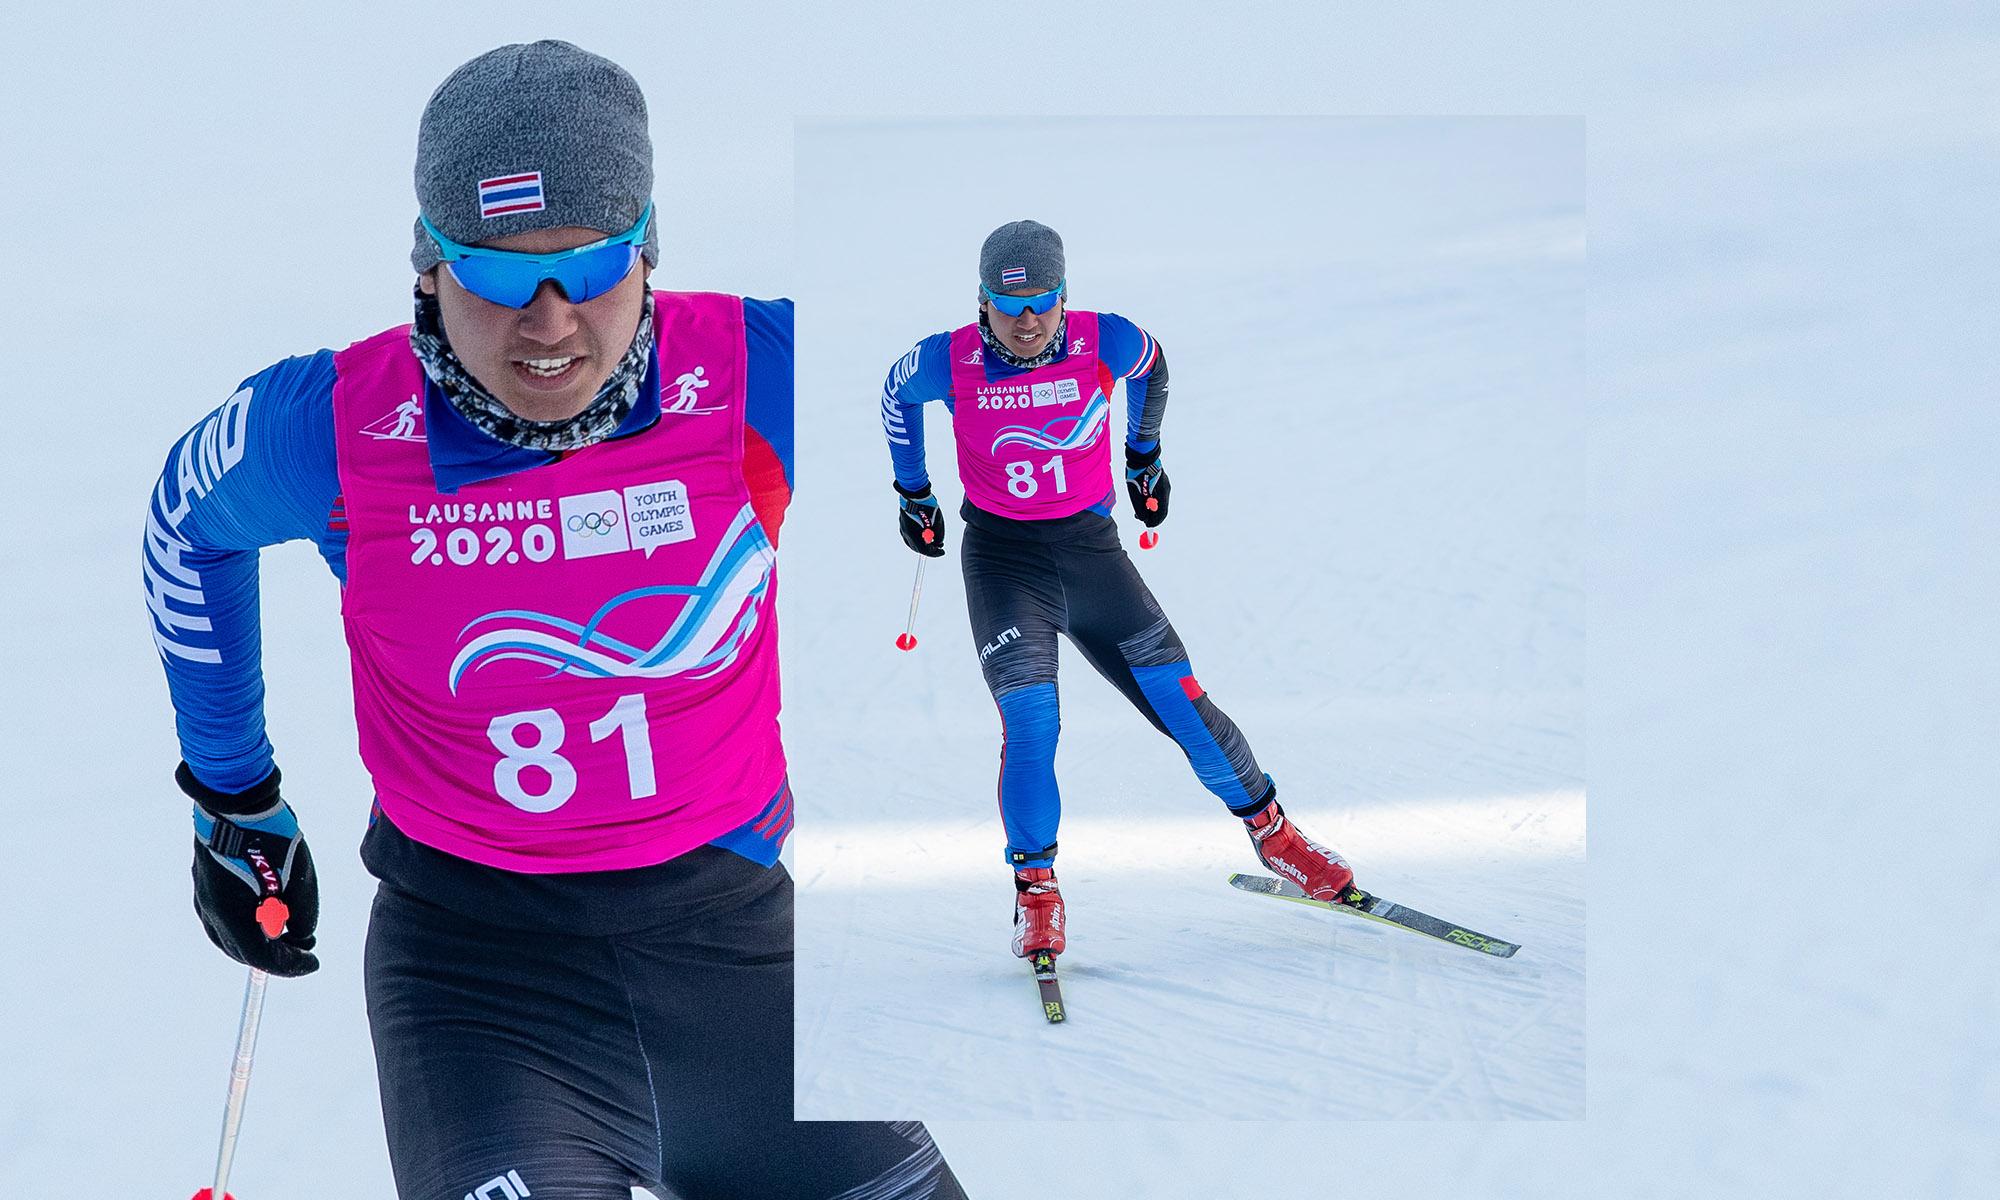 สมาคมกีฬาสกีและสโนว์บอร์ดแห่งประเทศไทย